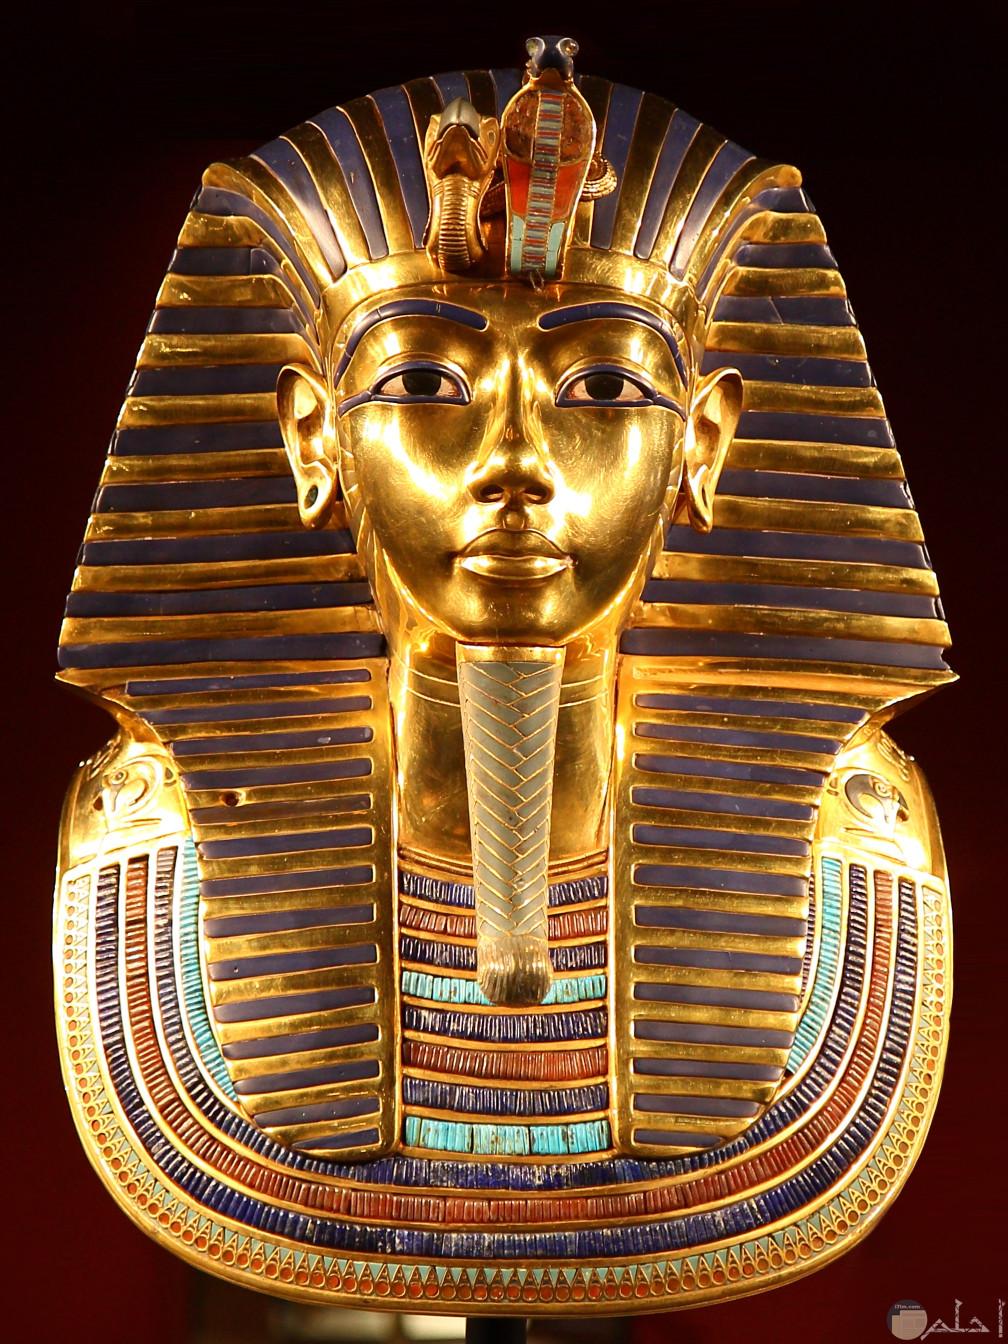 صورة ملك فرعونى من الذهب الخالص.